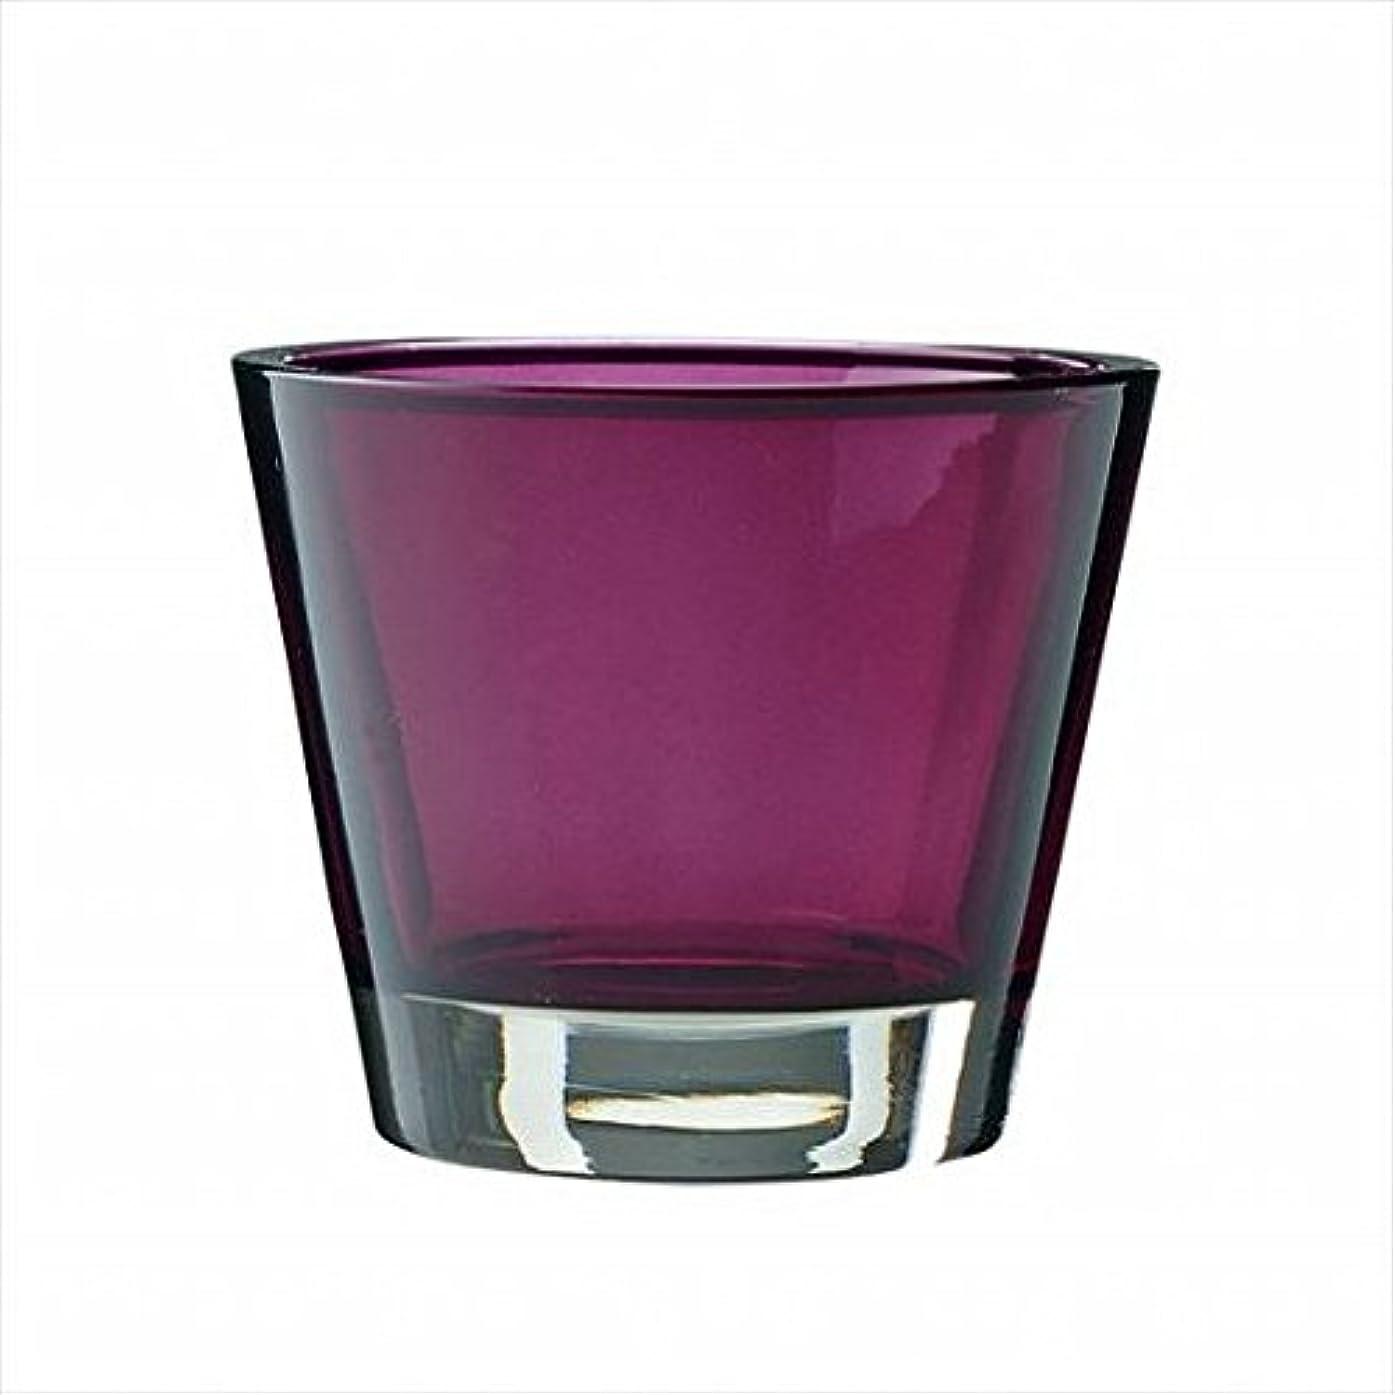 に同意するブルバケットkameyama candle(カメヤマキャンドル) カラリス 「 プラム 」 キャンドル 82x82x70mm (J2540000PL)